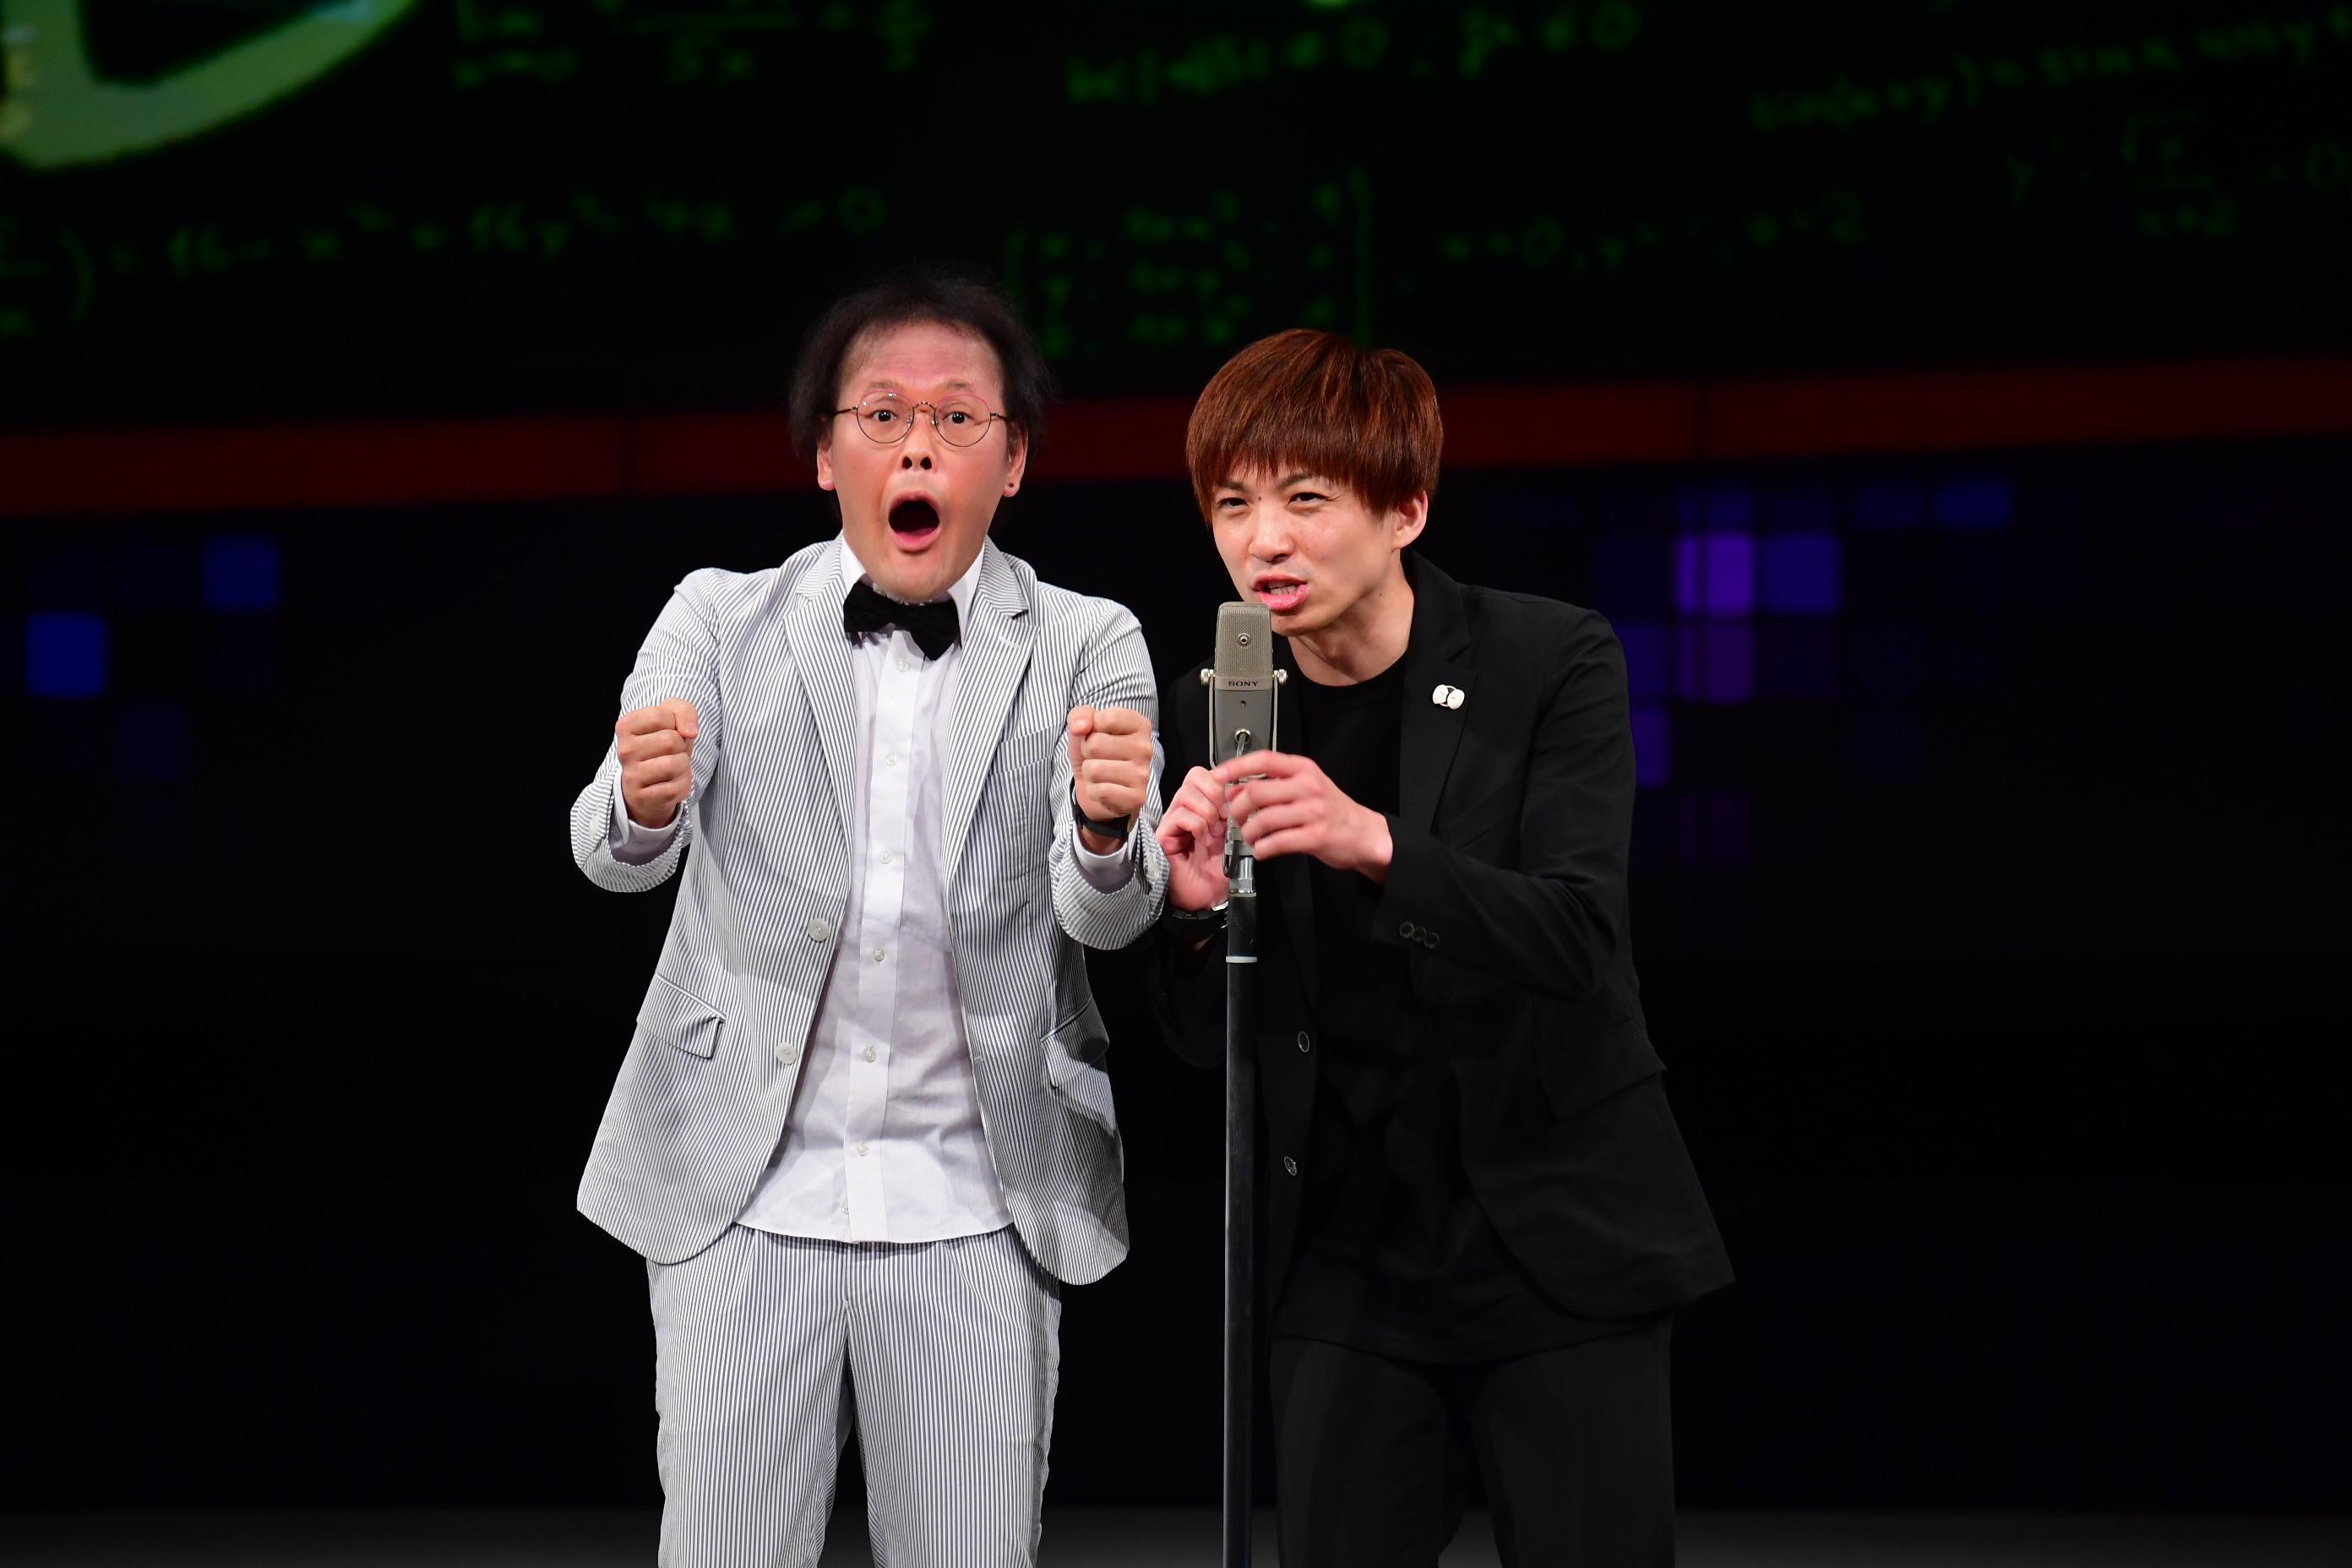 http://news.yoshimoto.co.jp/20180830010321-91f62fc987db7e52da1cfa8e4fa246417b71b344.jpg